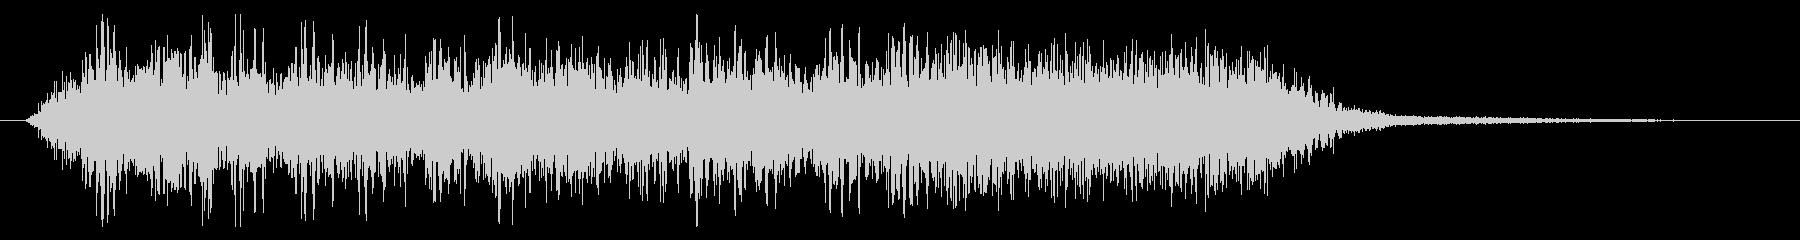 メタル/ハードロック/ジングル/場面転換の未再生の波形